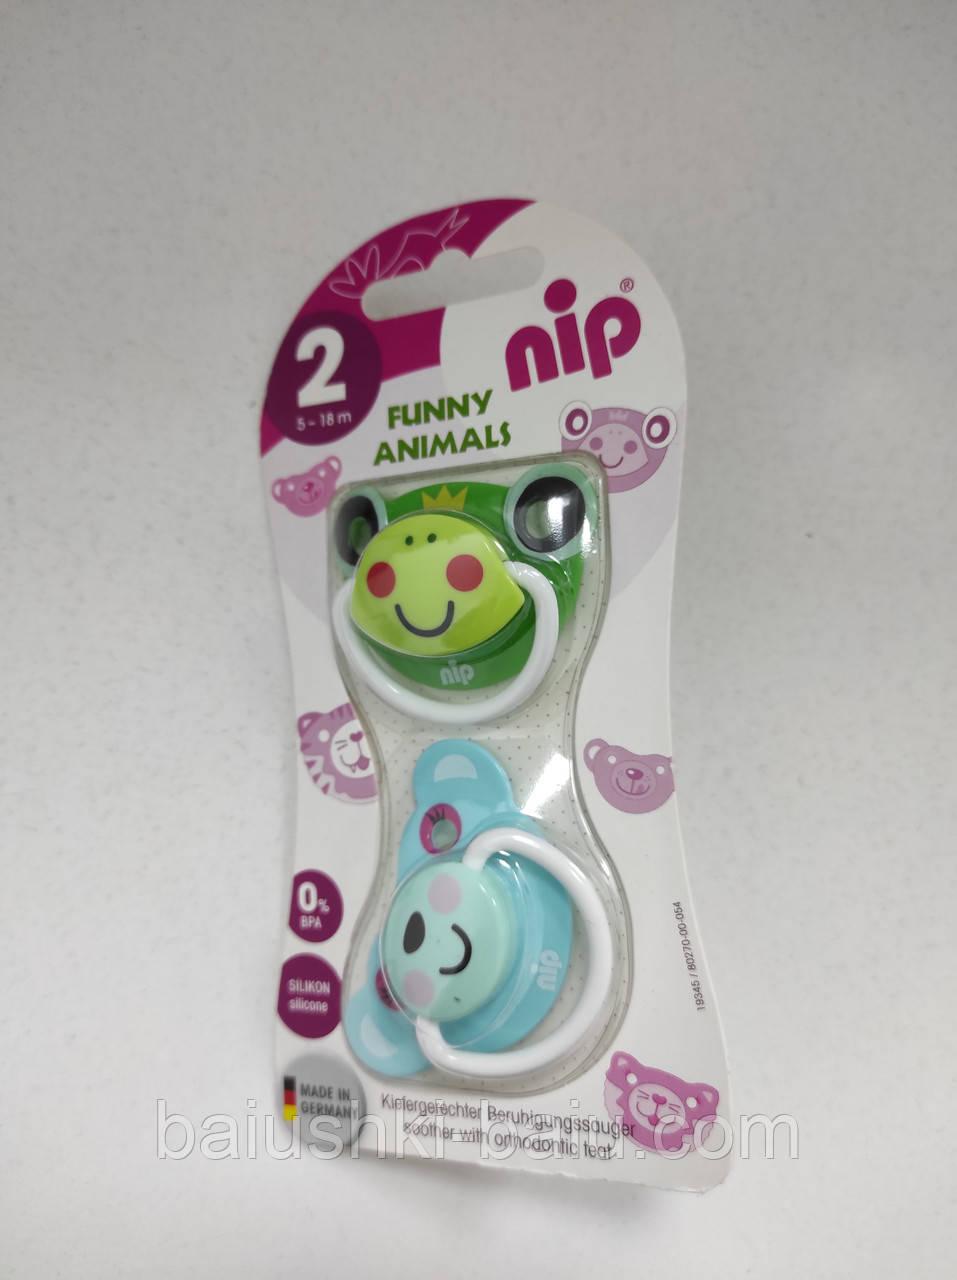 Пустышка силиконовая ортодонтическая для новорожденных Nip, 2 шт, 5-18 мес.